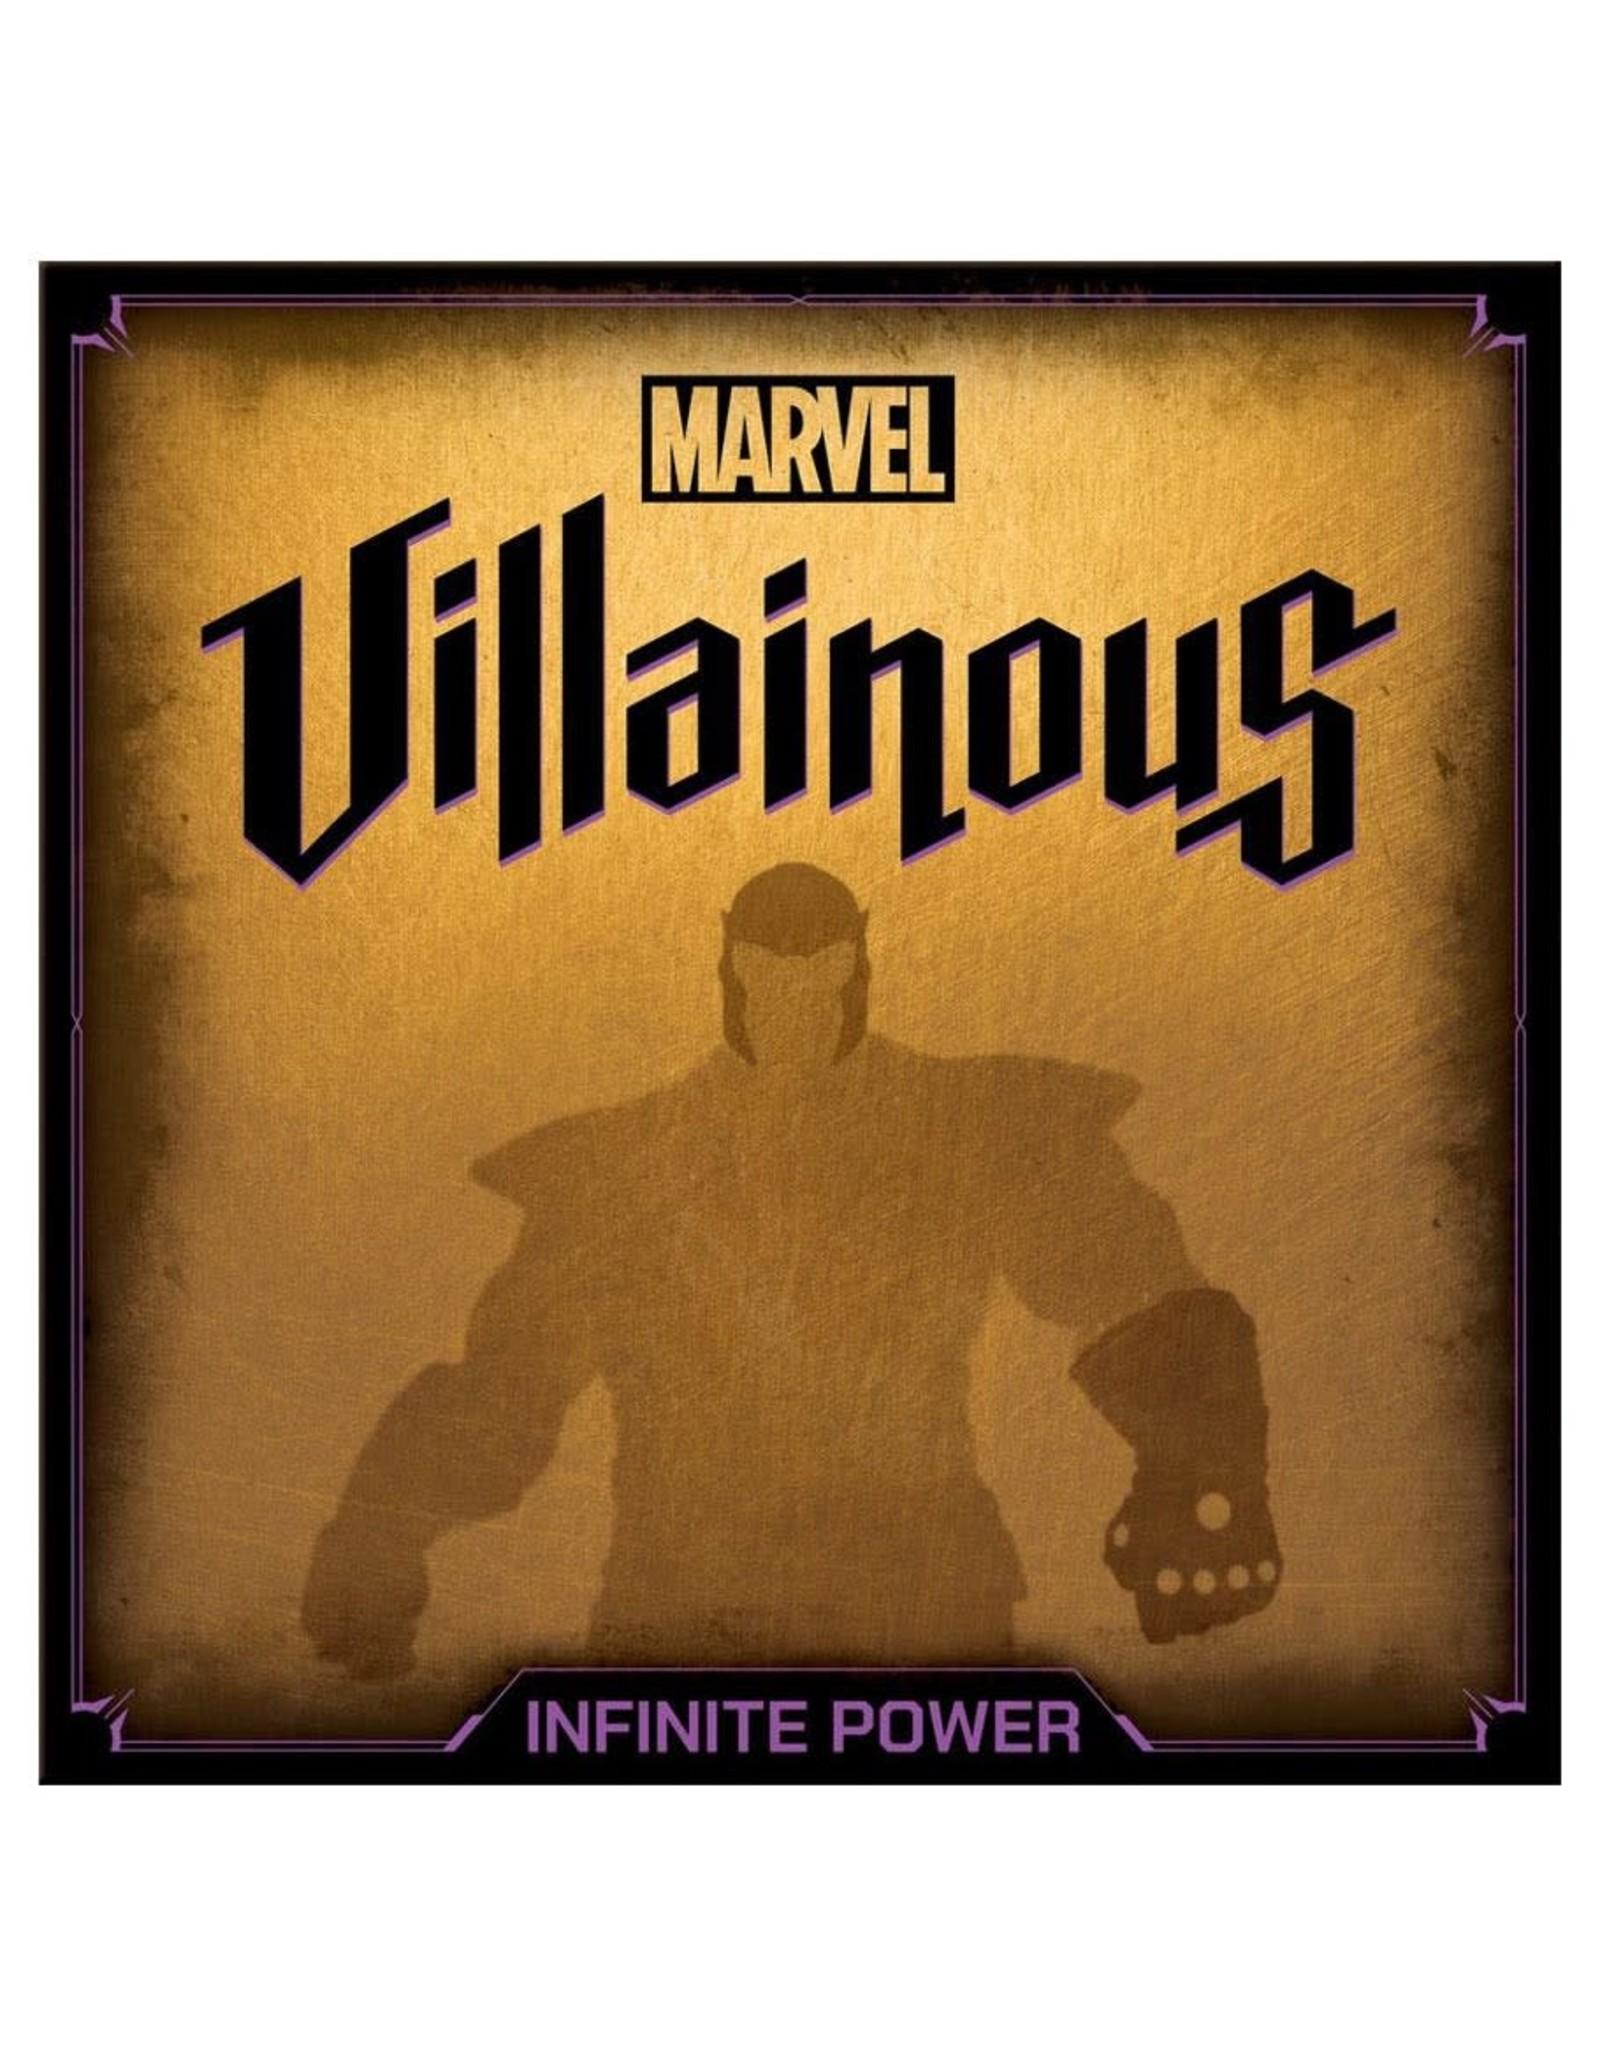 Ravensburger Marvel Villainous: Infinite Power